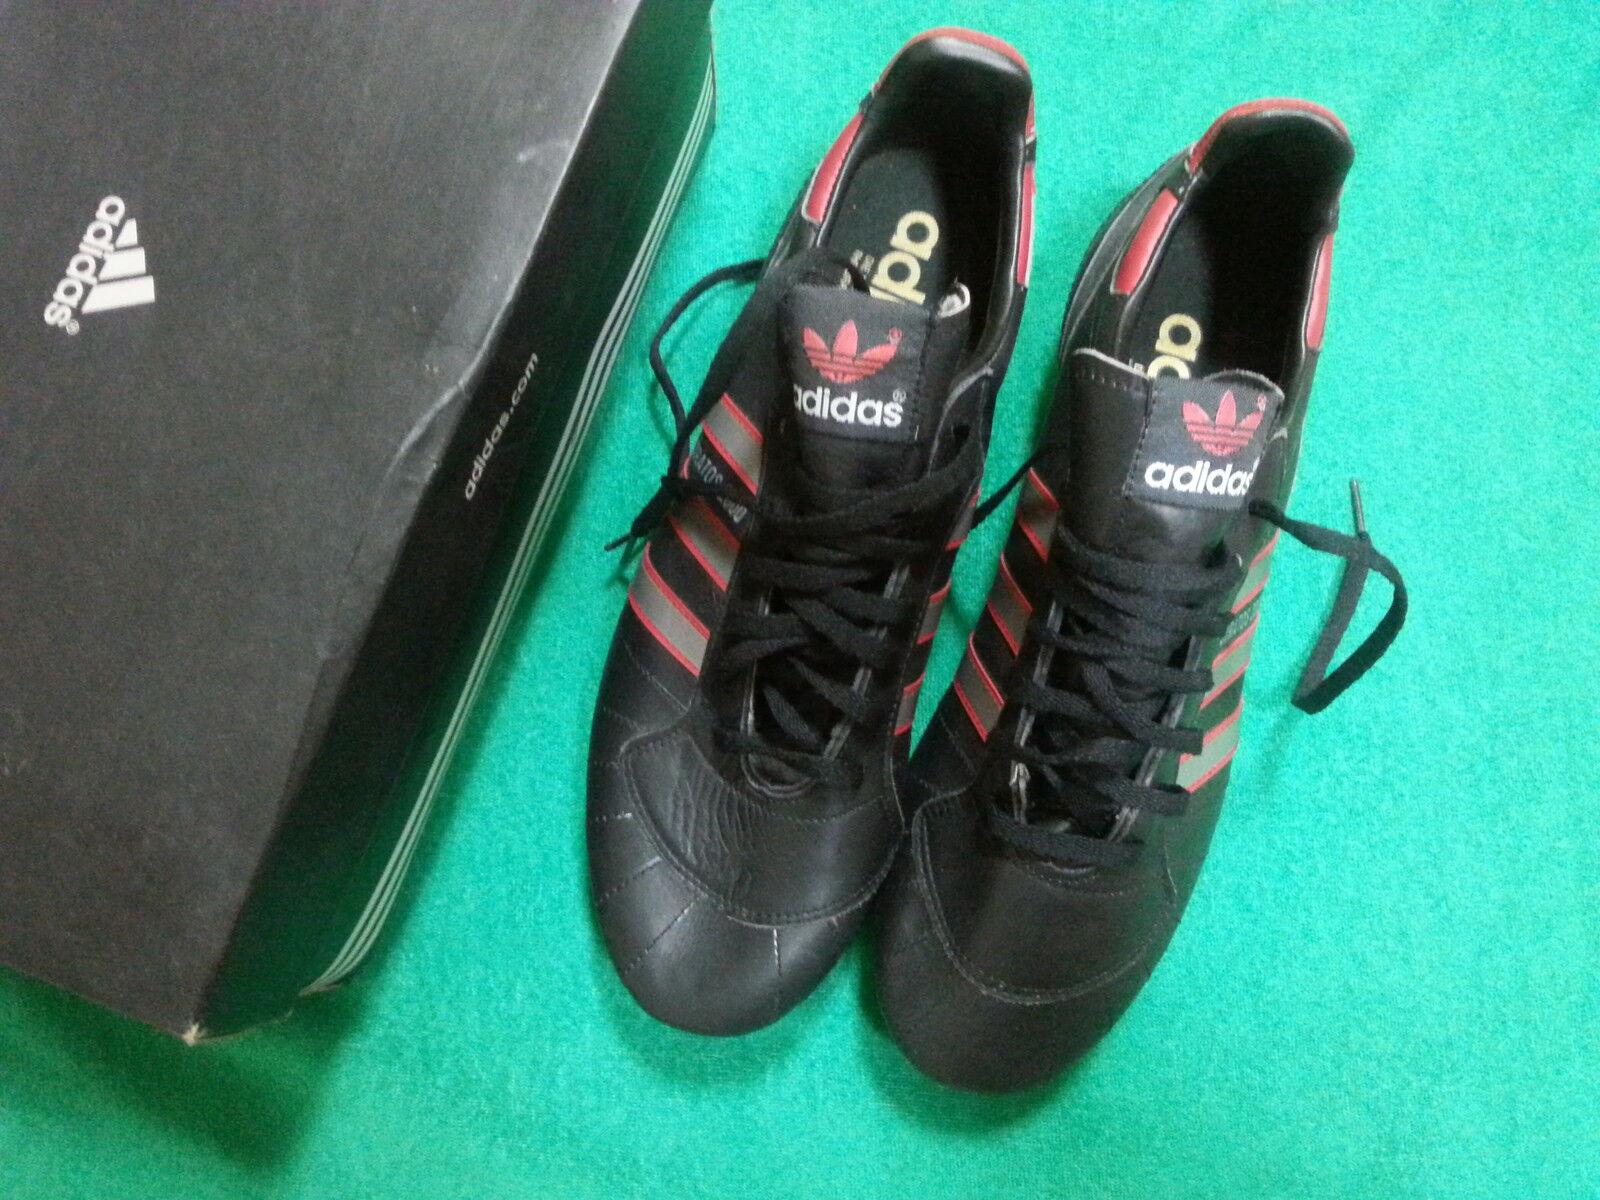 Adidas Predator Stratos Mania cleats football boots 42 8,5 8 vapor I II III IV